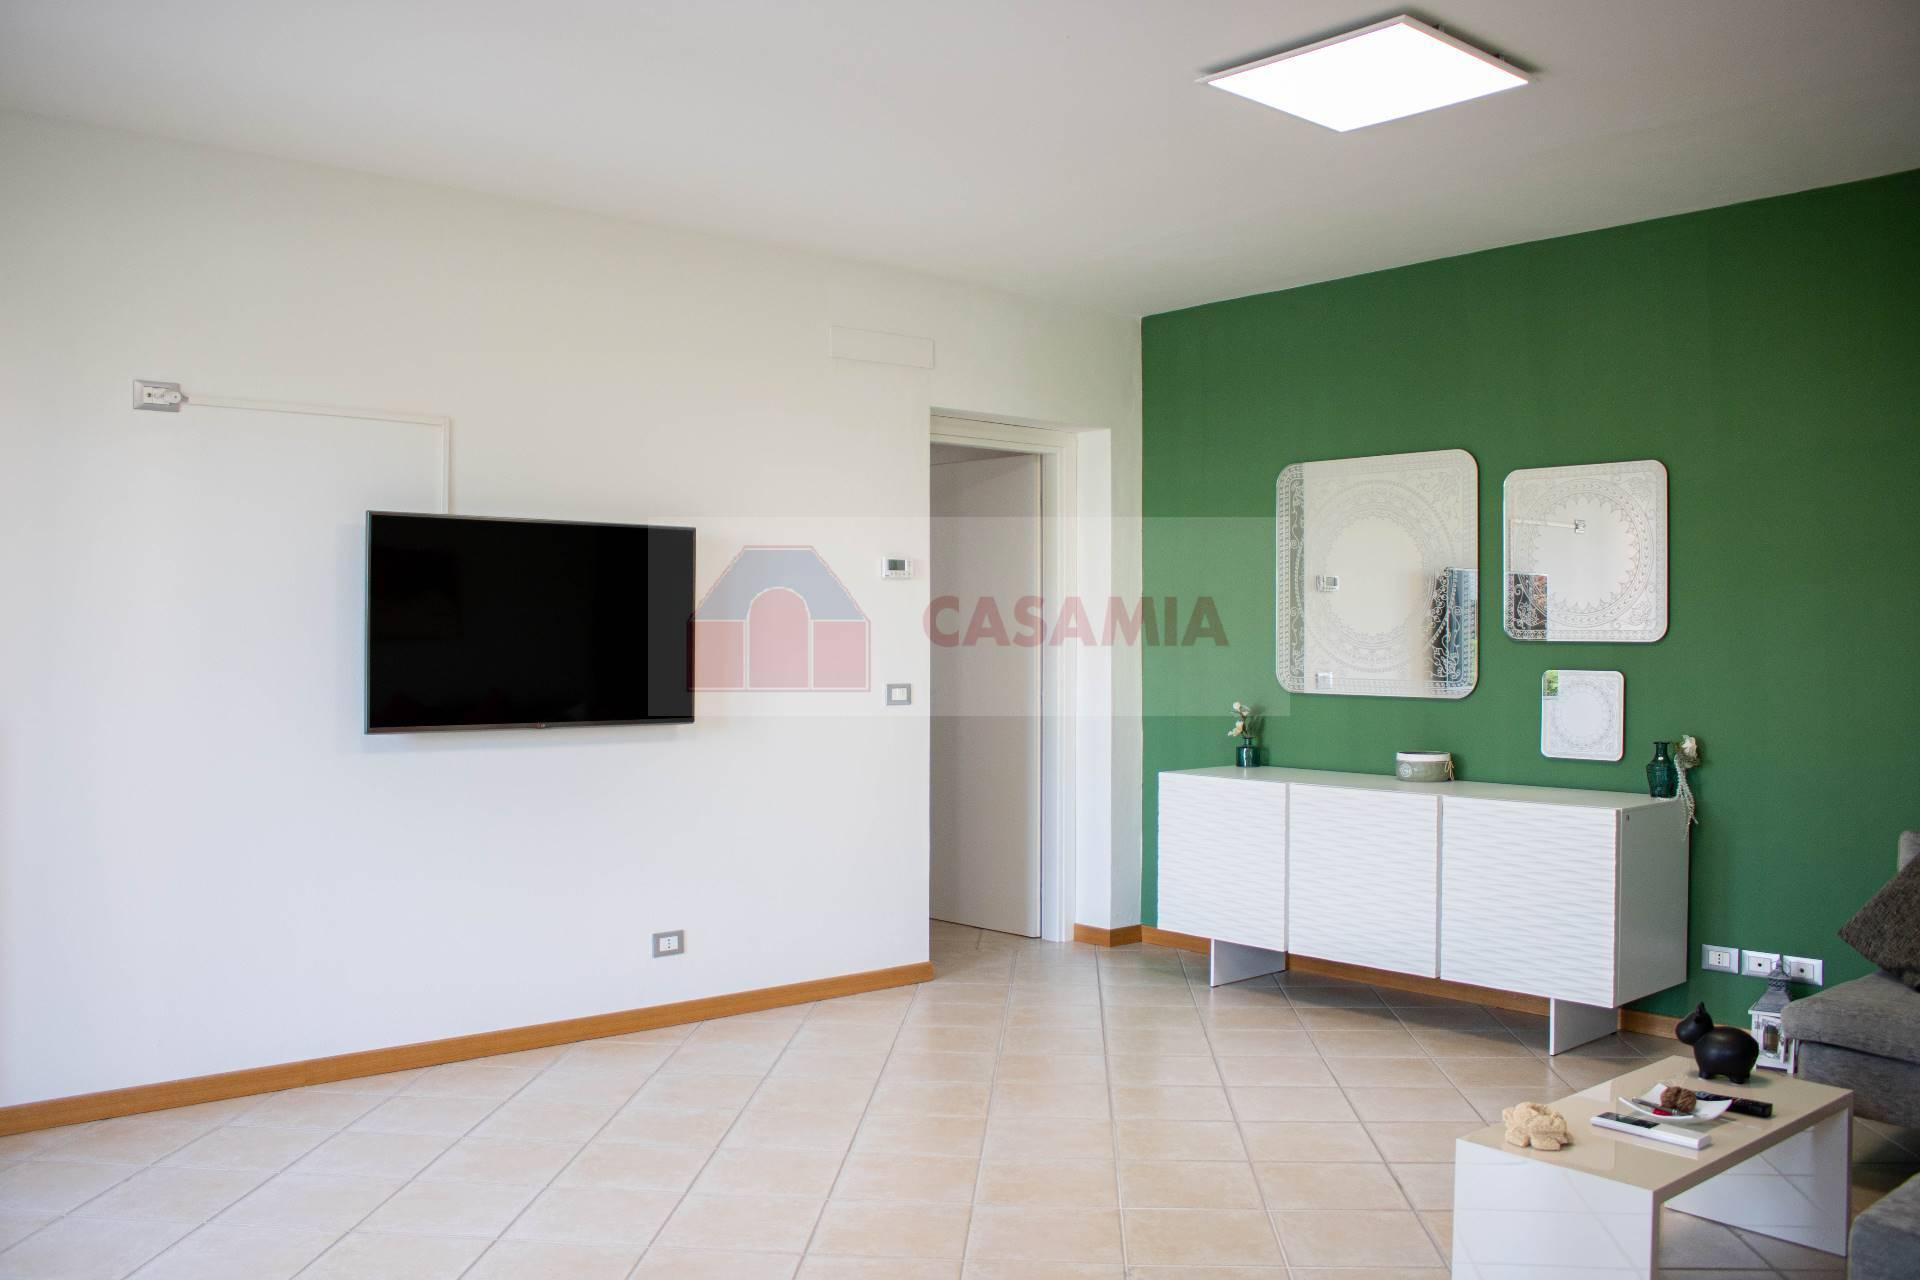 Appartamento in vendita a Oderzo, 5 locali, zona Località: Spin?, prezzo € 220.000 | CambioCasa.it